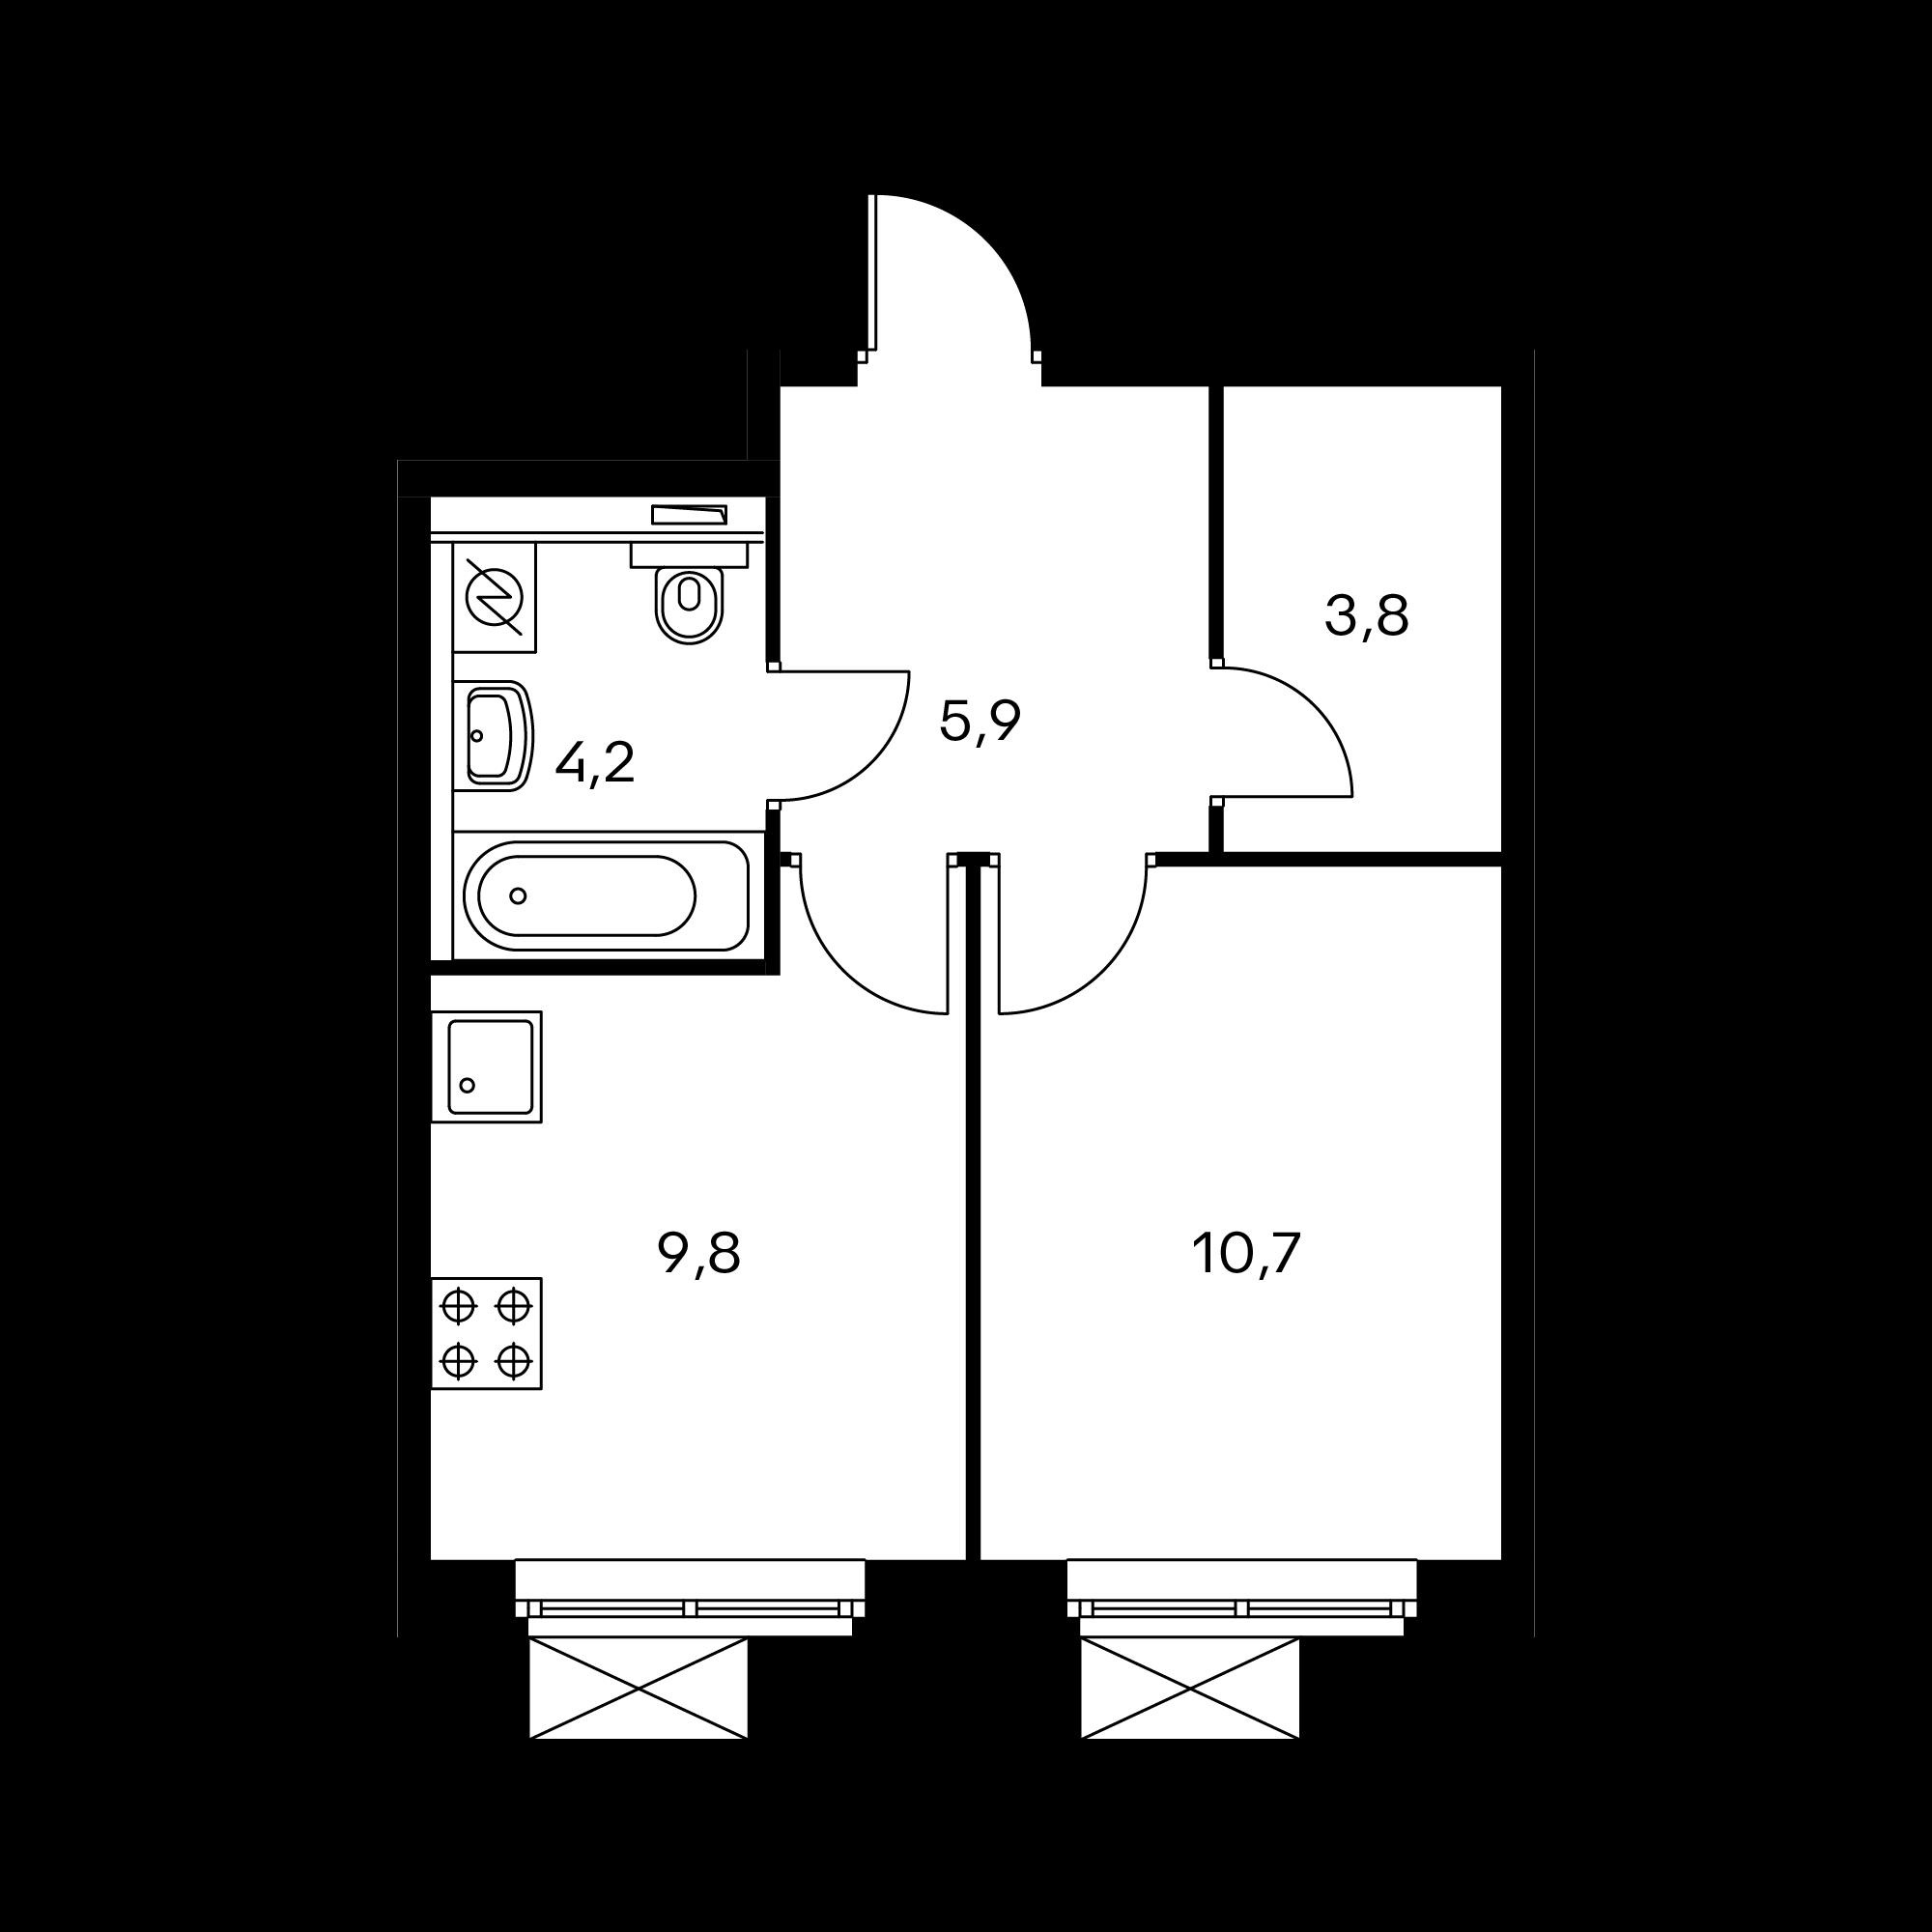 1KS1_6.0-1_S_Z